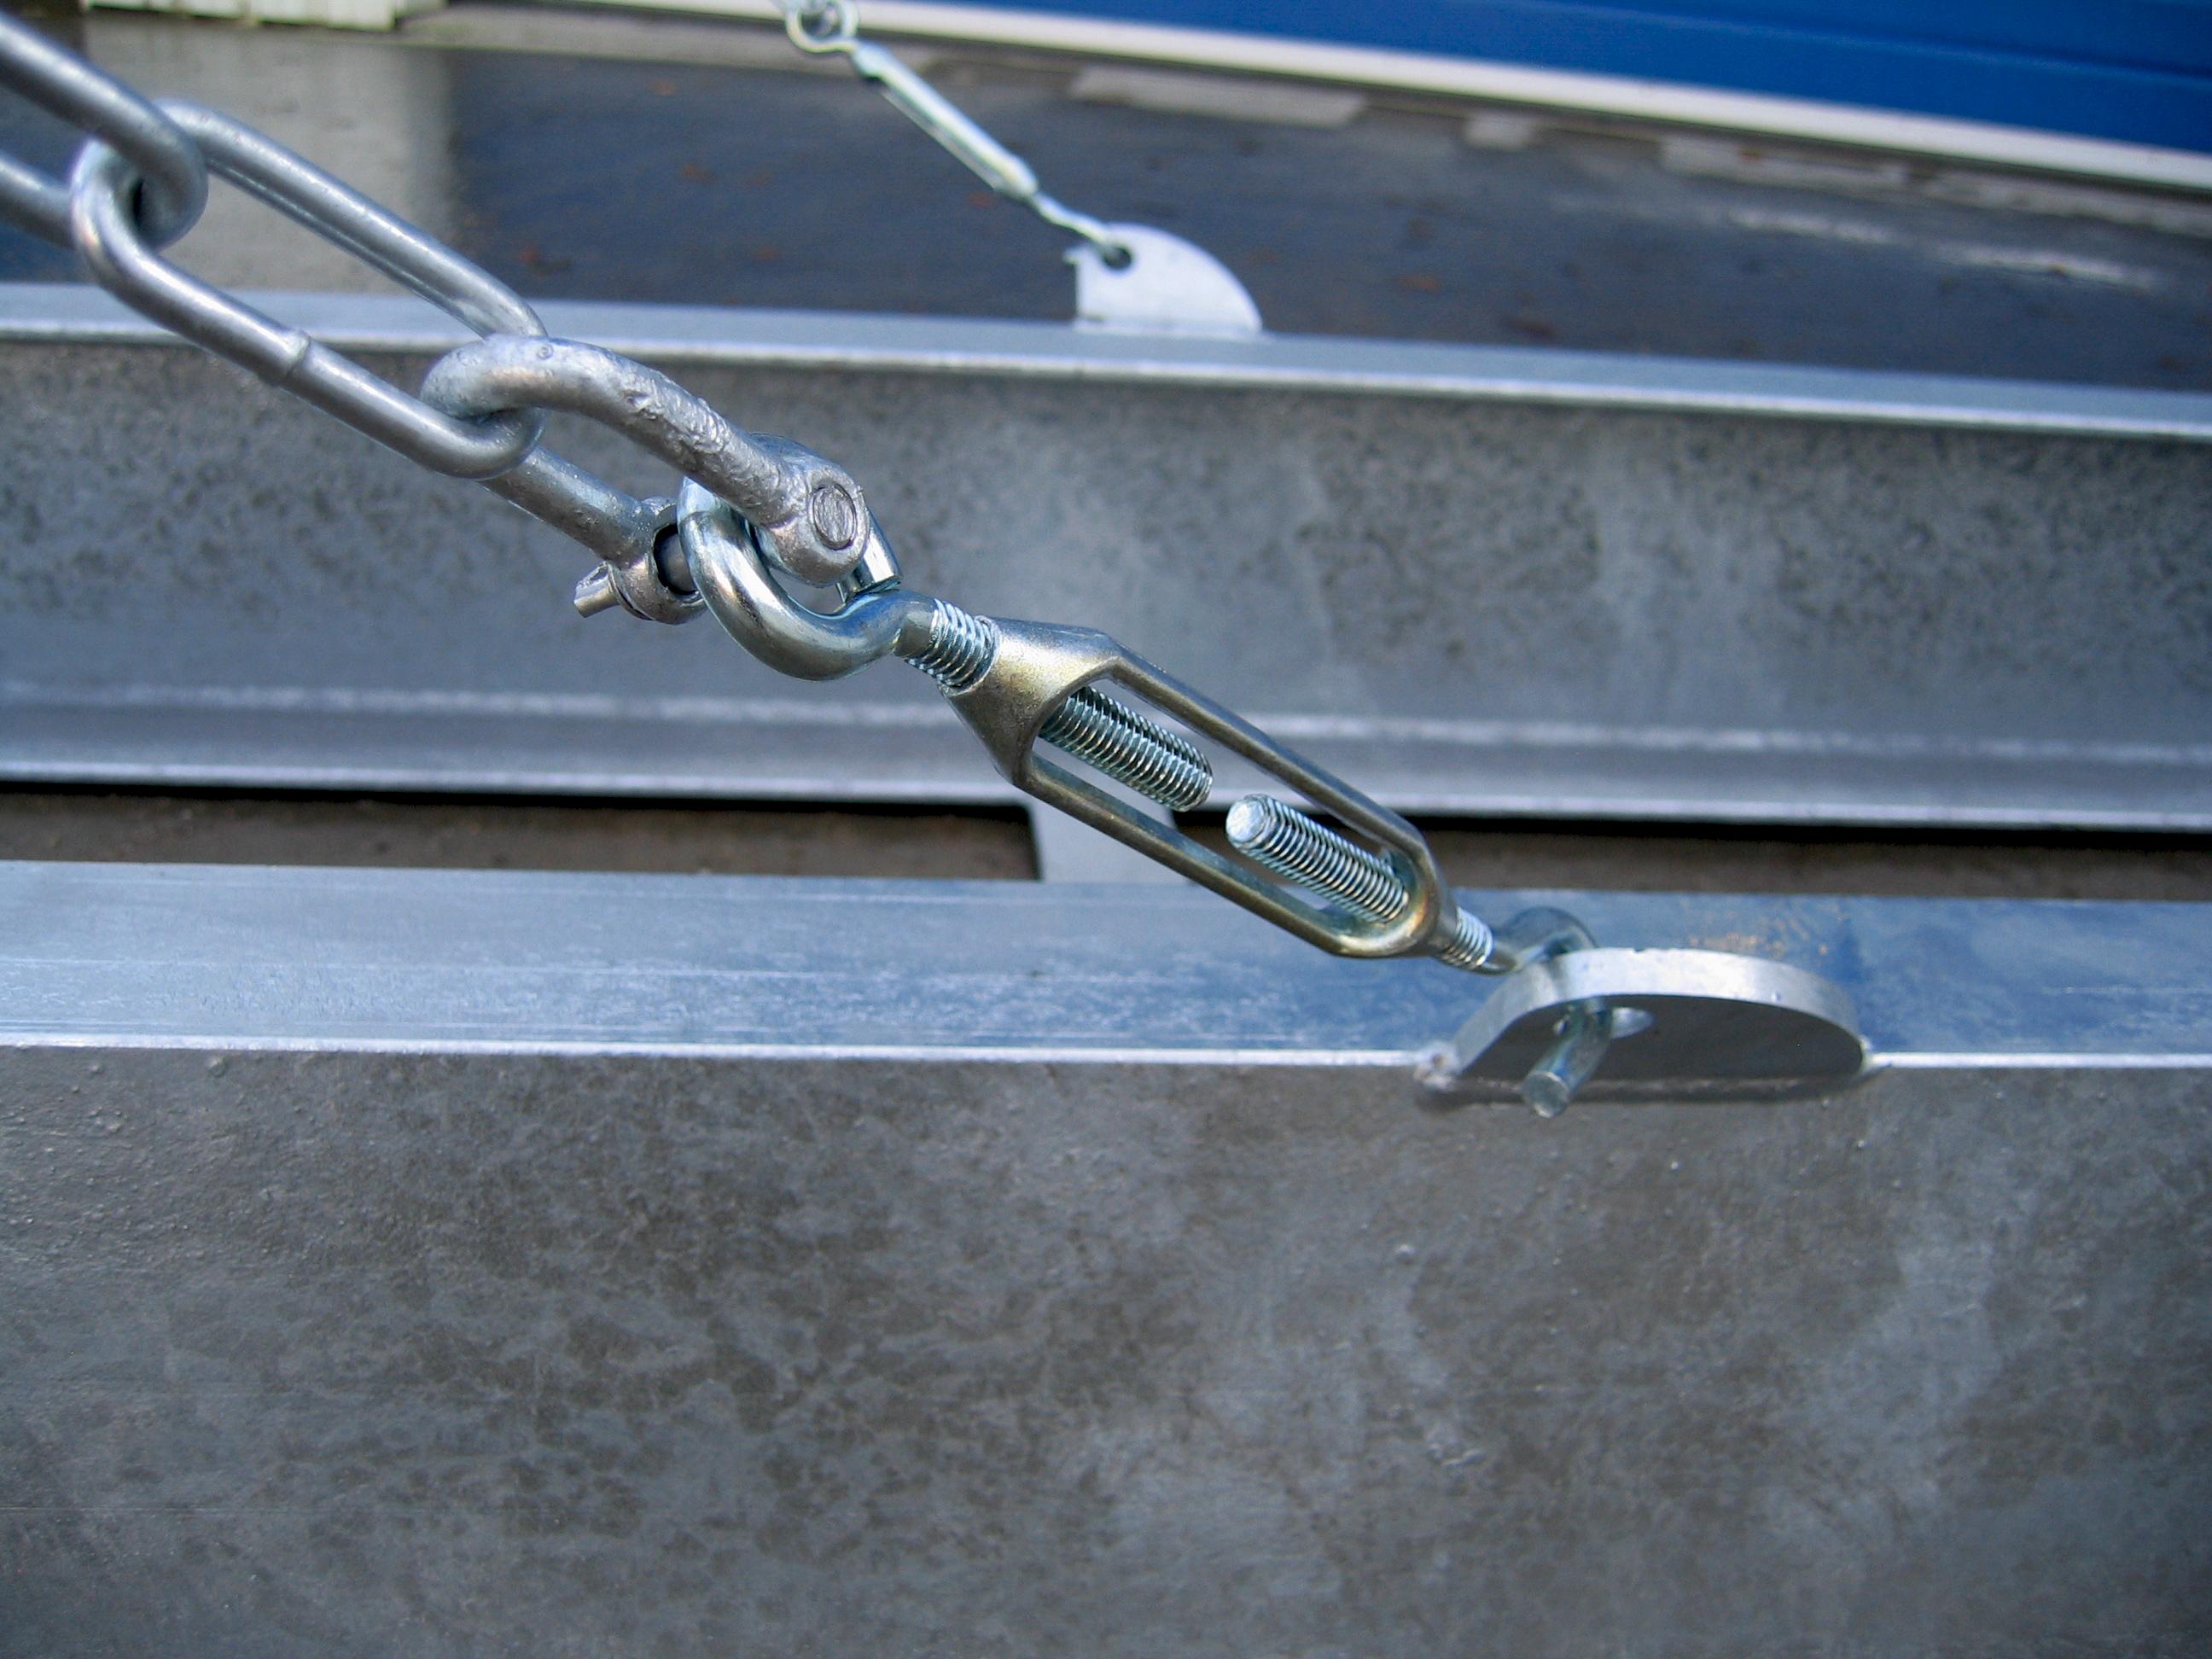 Tilbehør til mobile bådstativer - Kædesikring tæt på